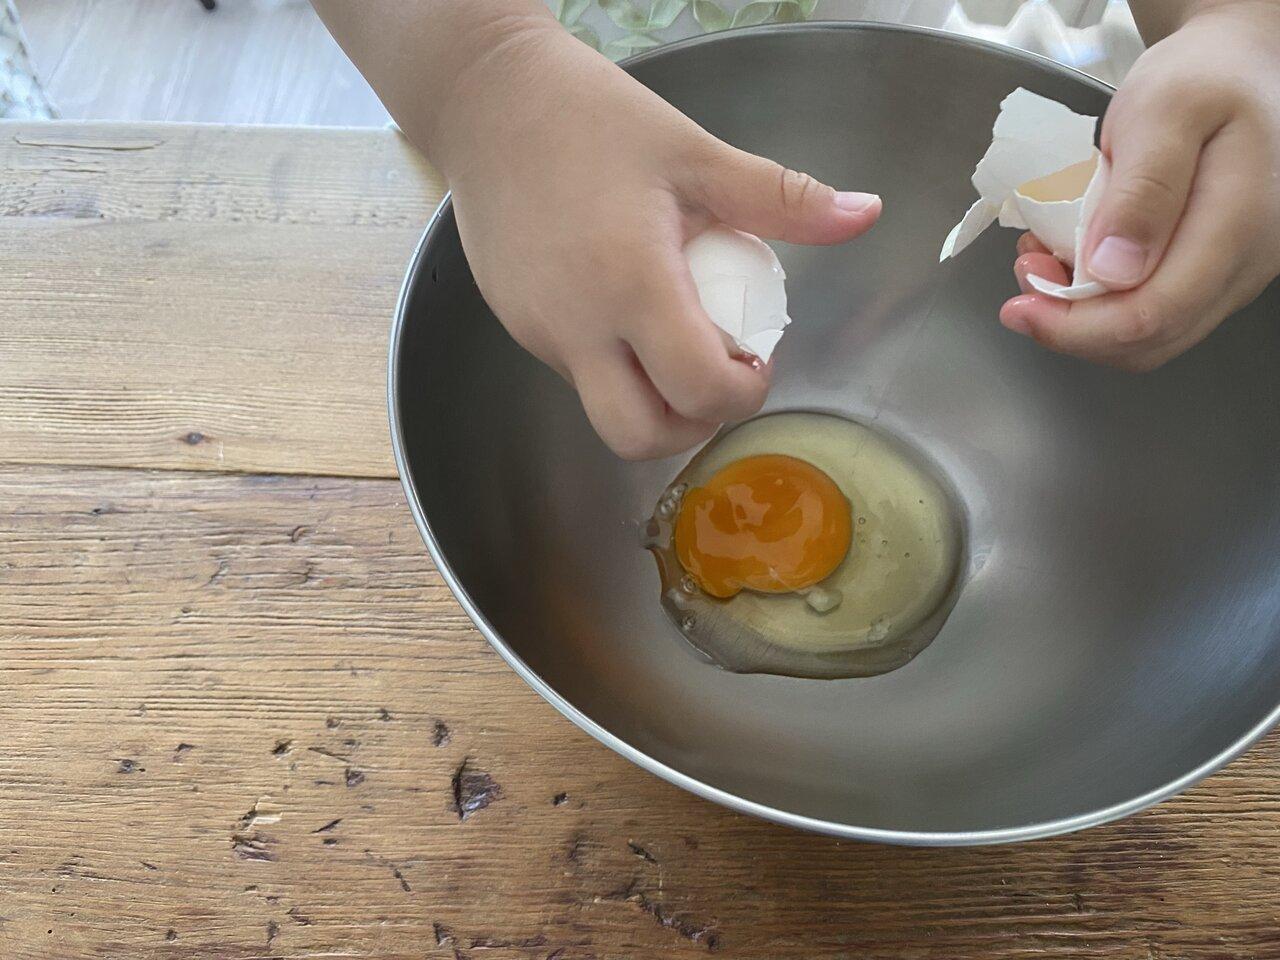 卵割りがずいぶん上手になりました。「あー、黄身が割れちゃったー(涙)」。でも、殻は入らなかったので合格!